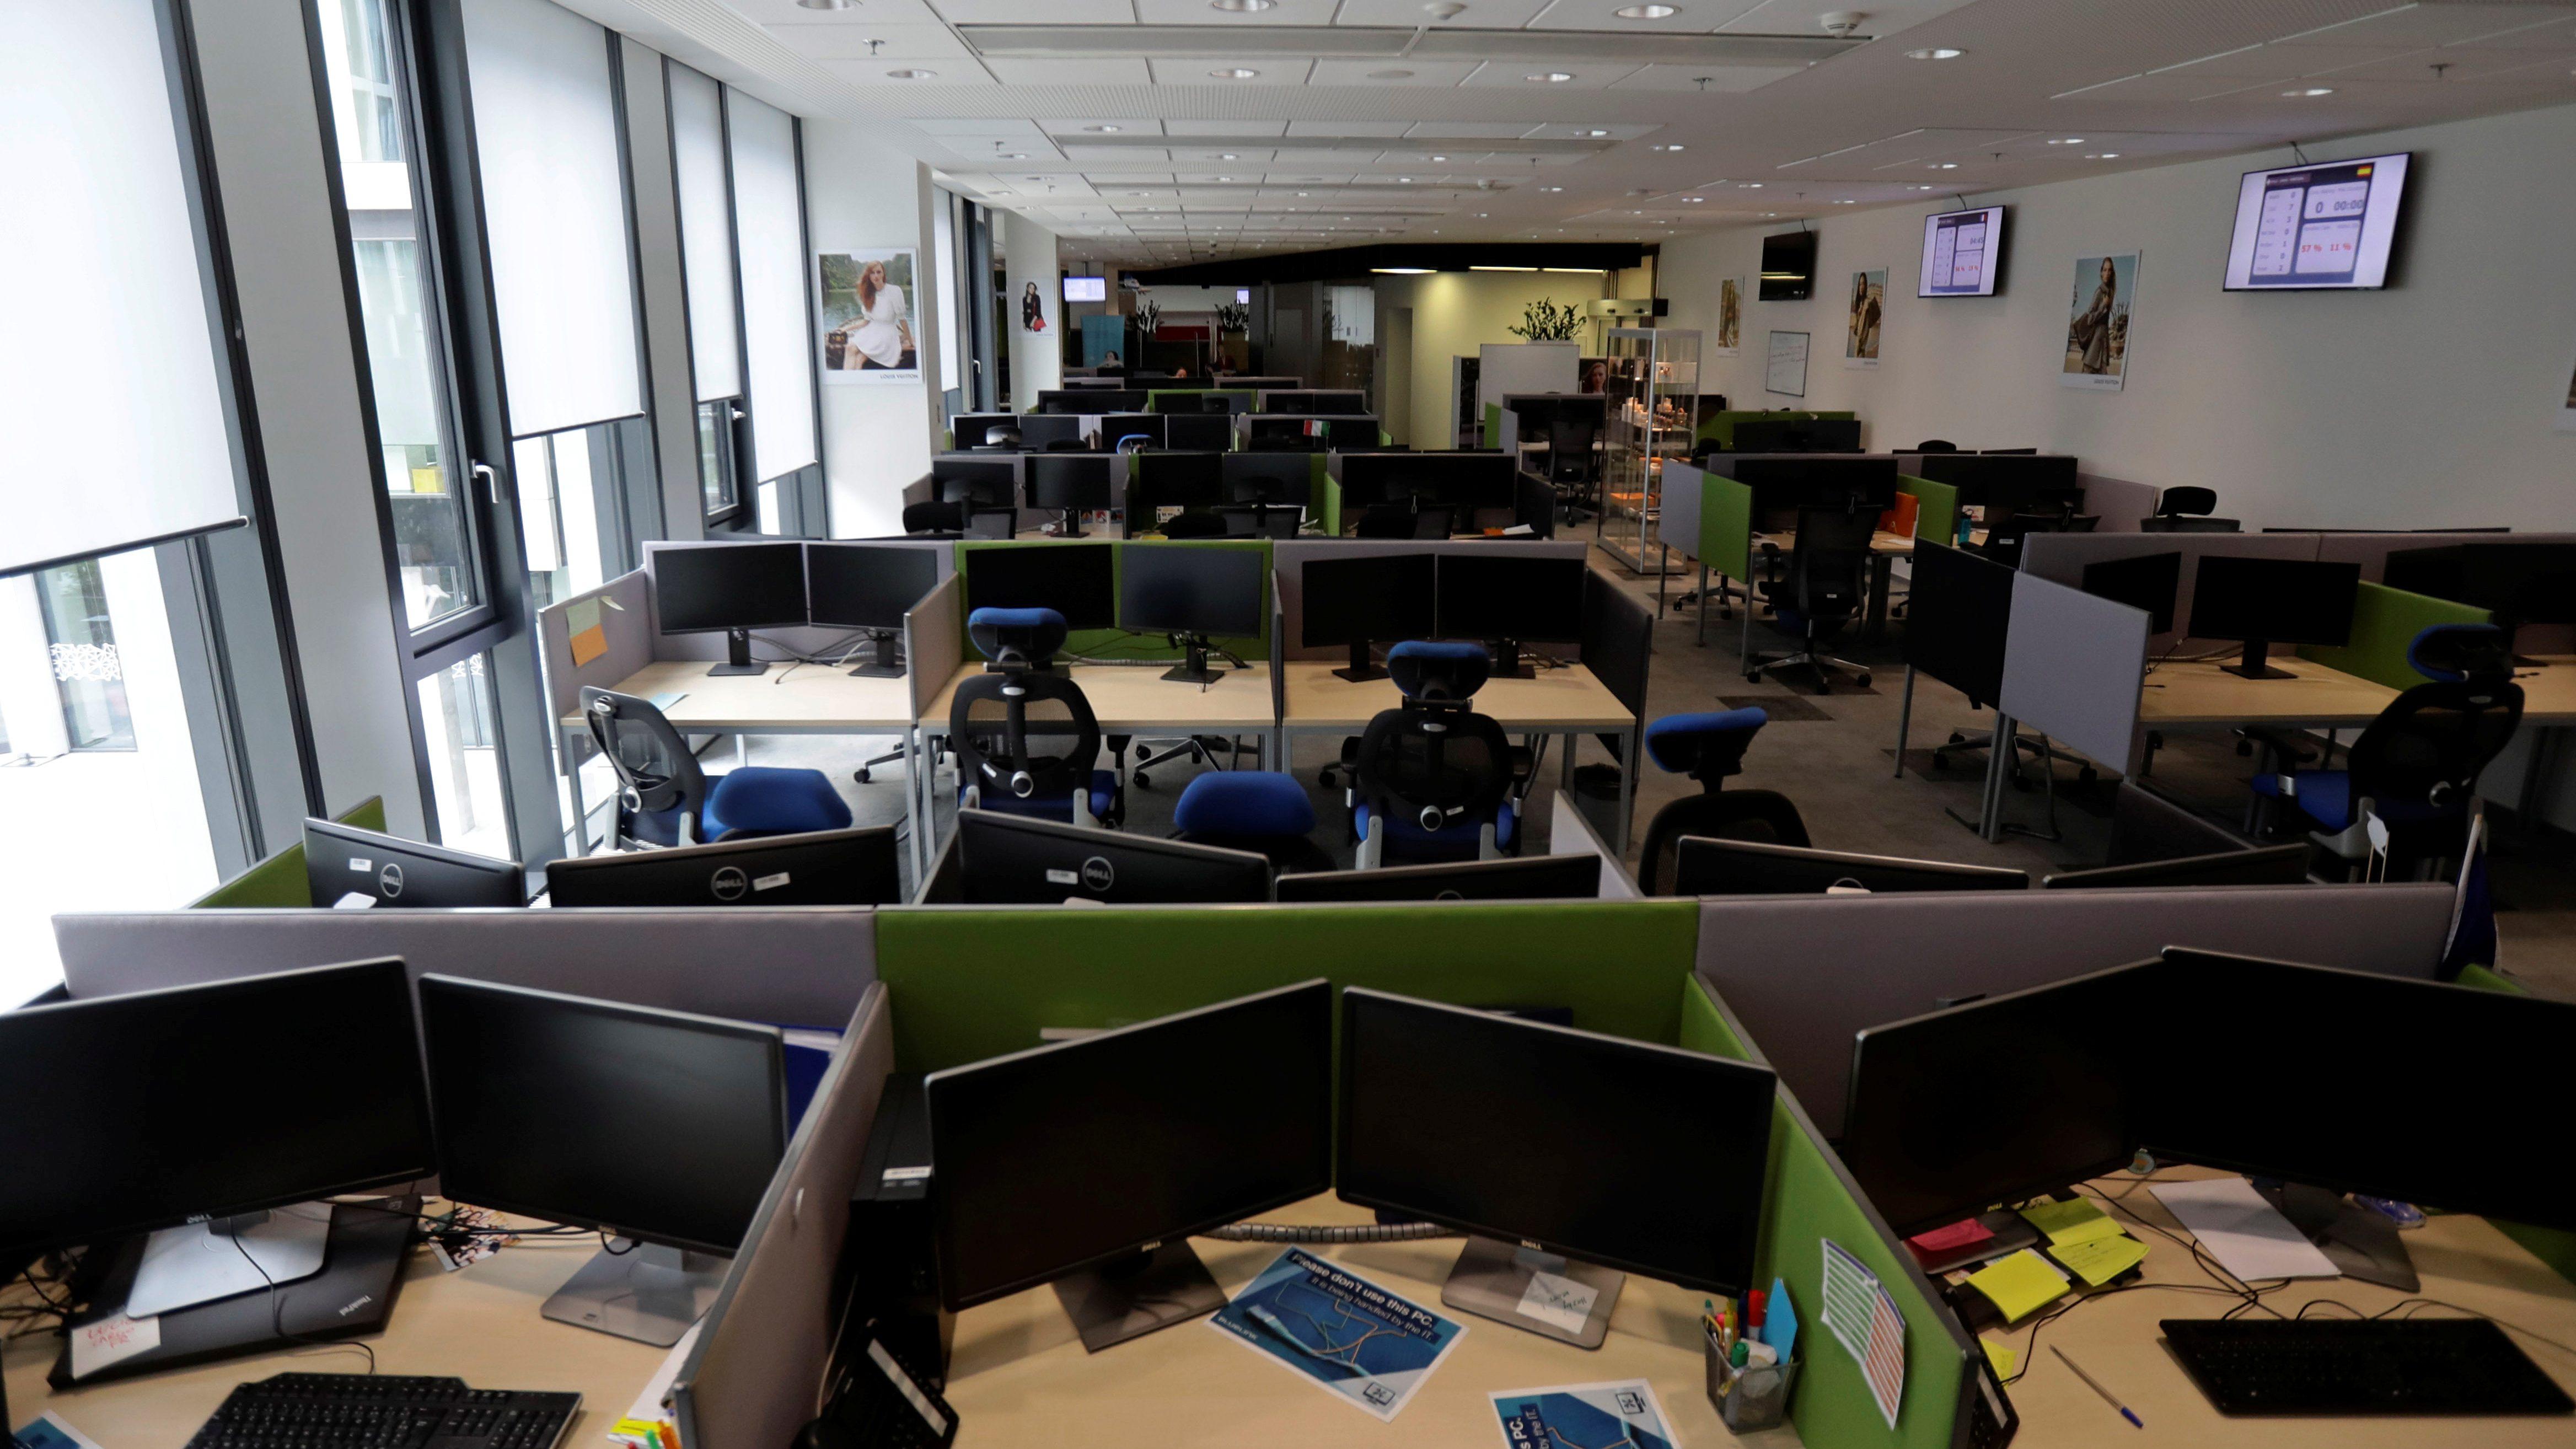 An empty open office workspace